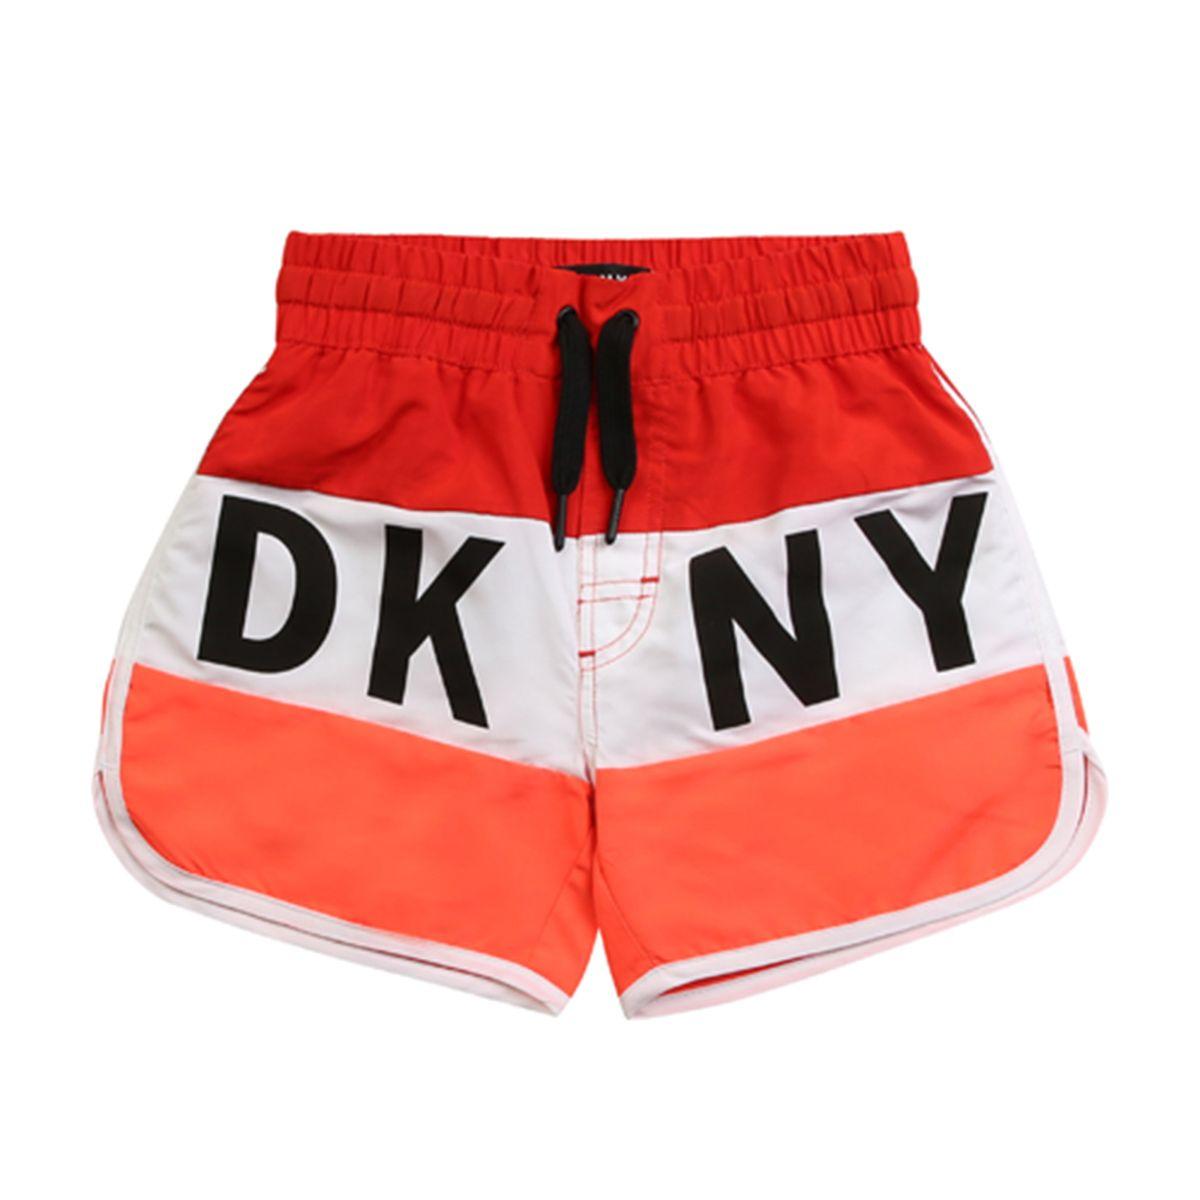 בגד ים DKNY לילדים